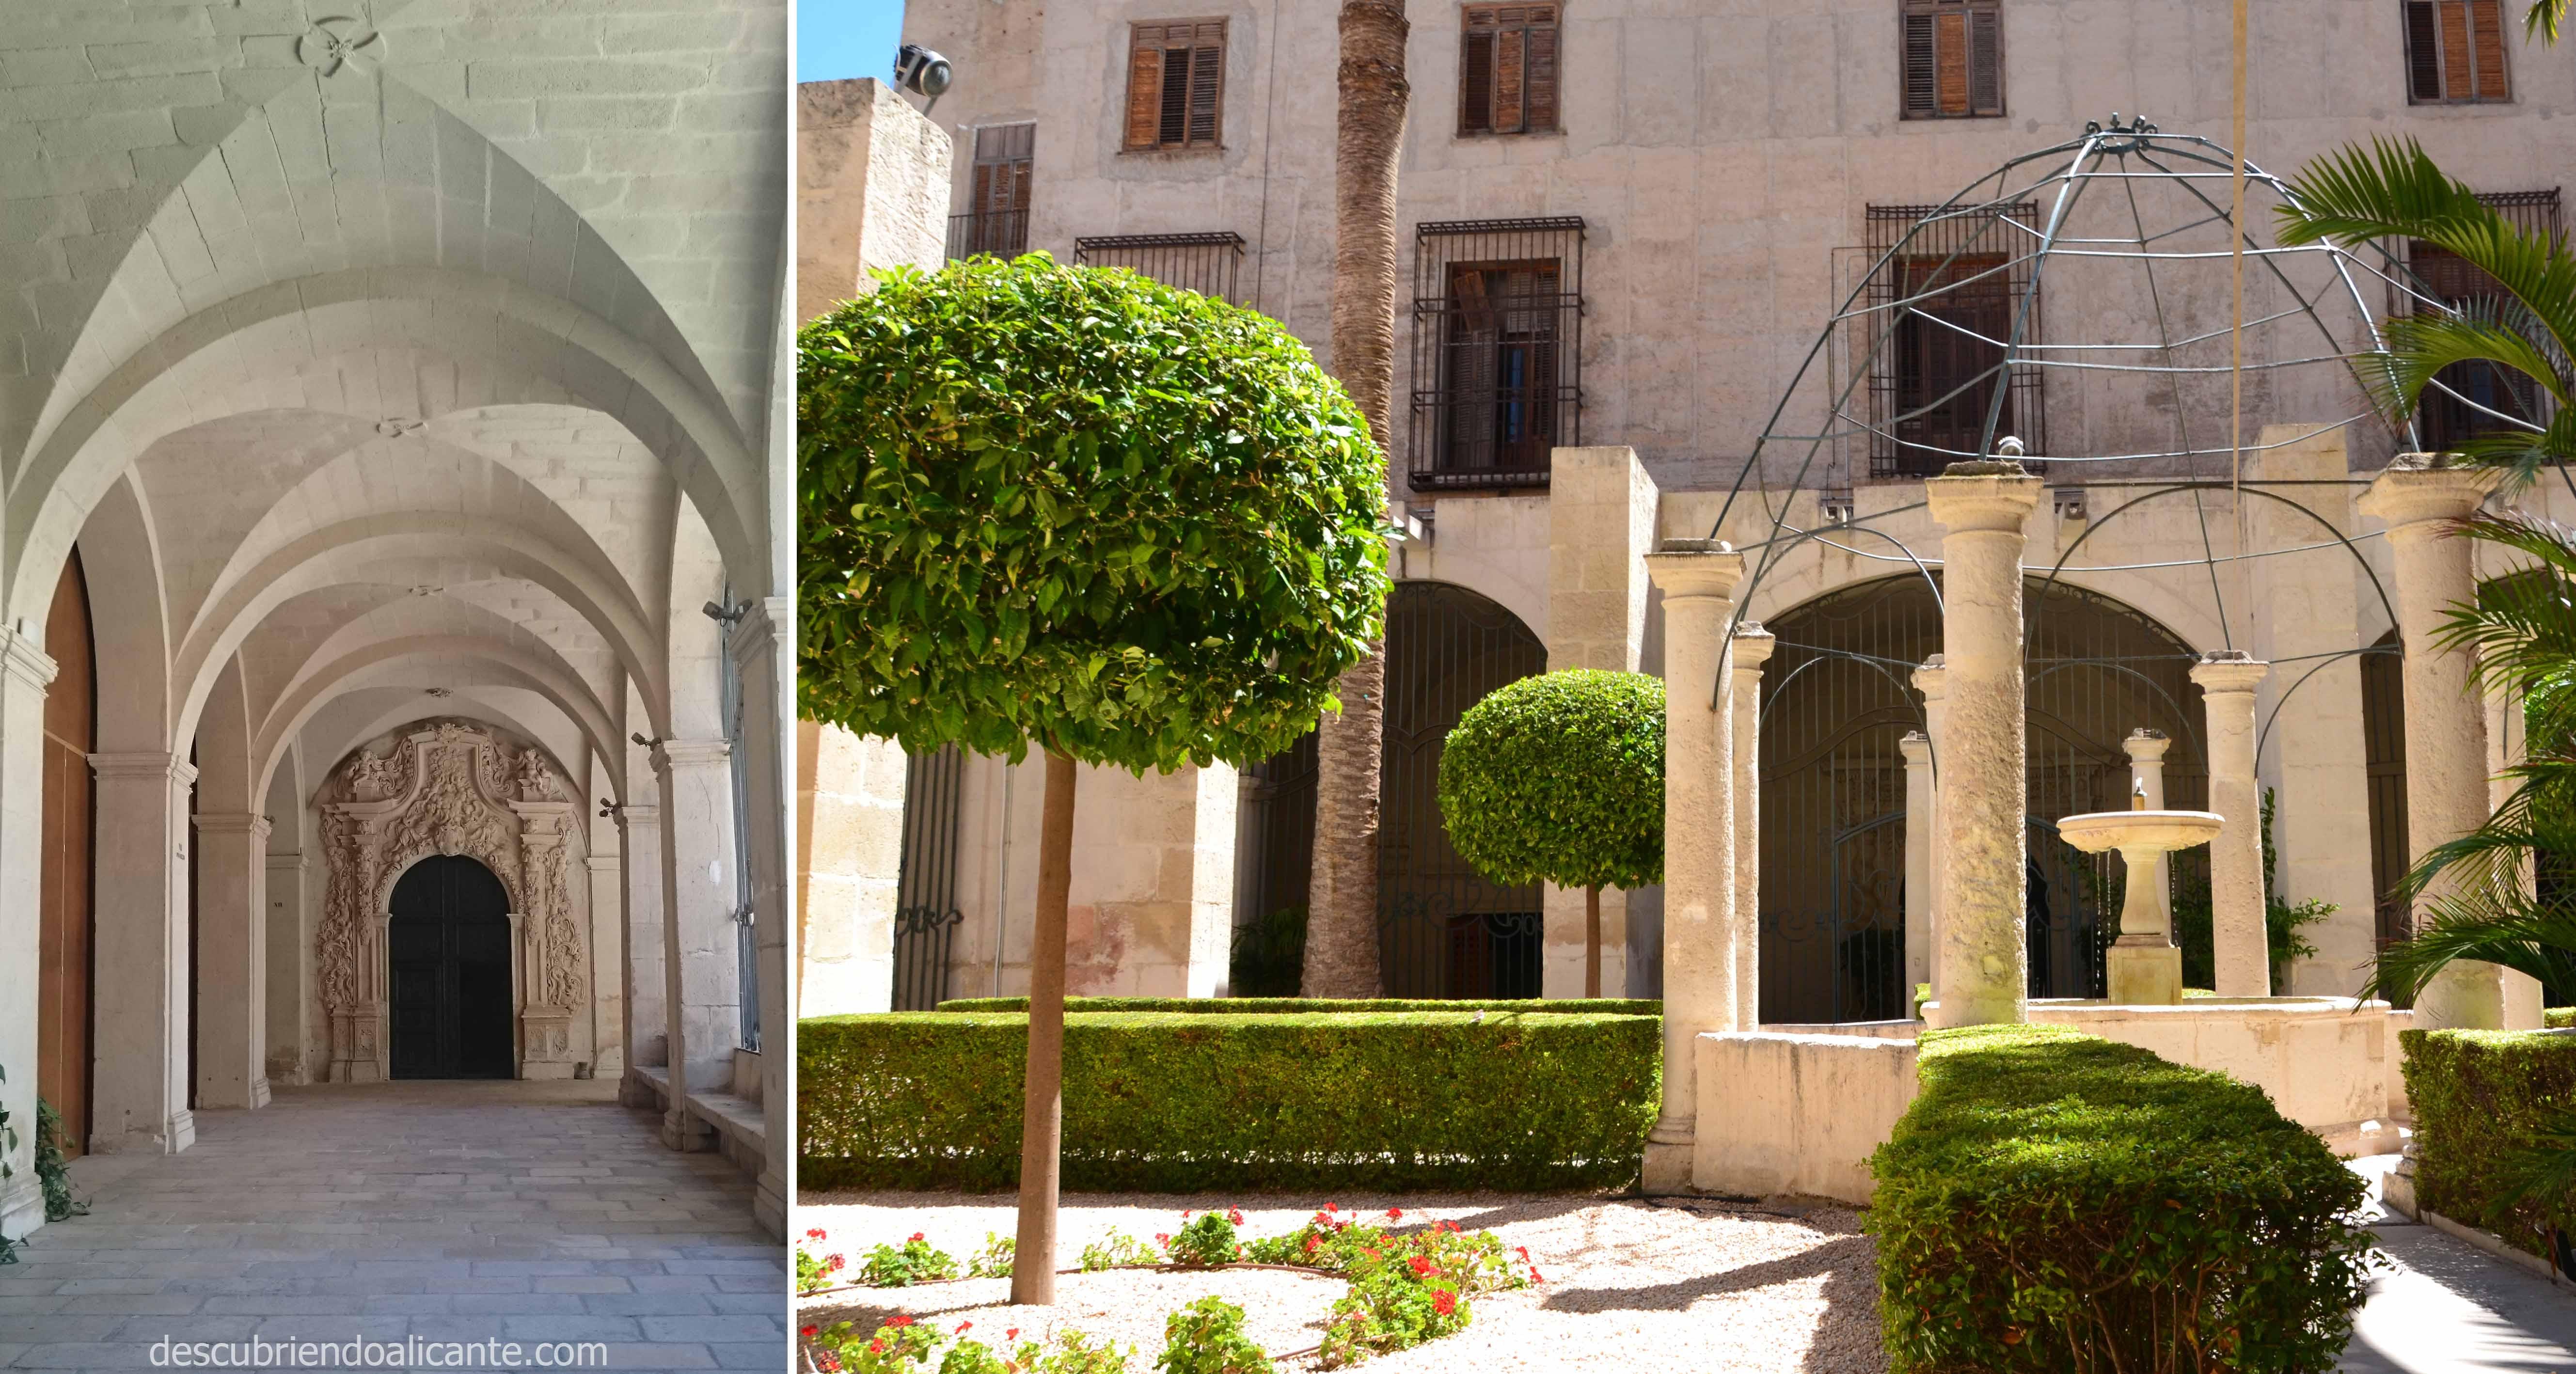 patio-interior-concatedral-san-nicolas-alicante